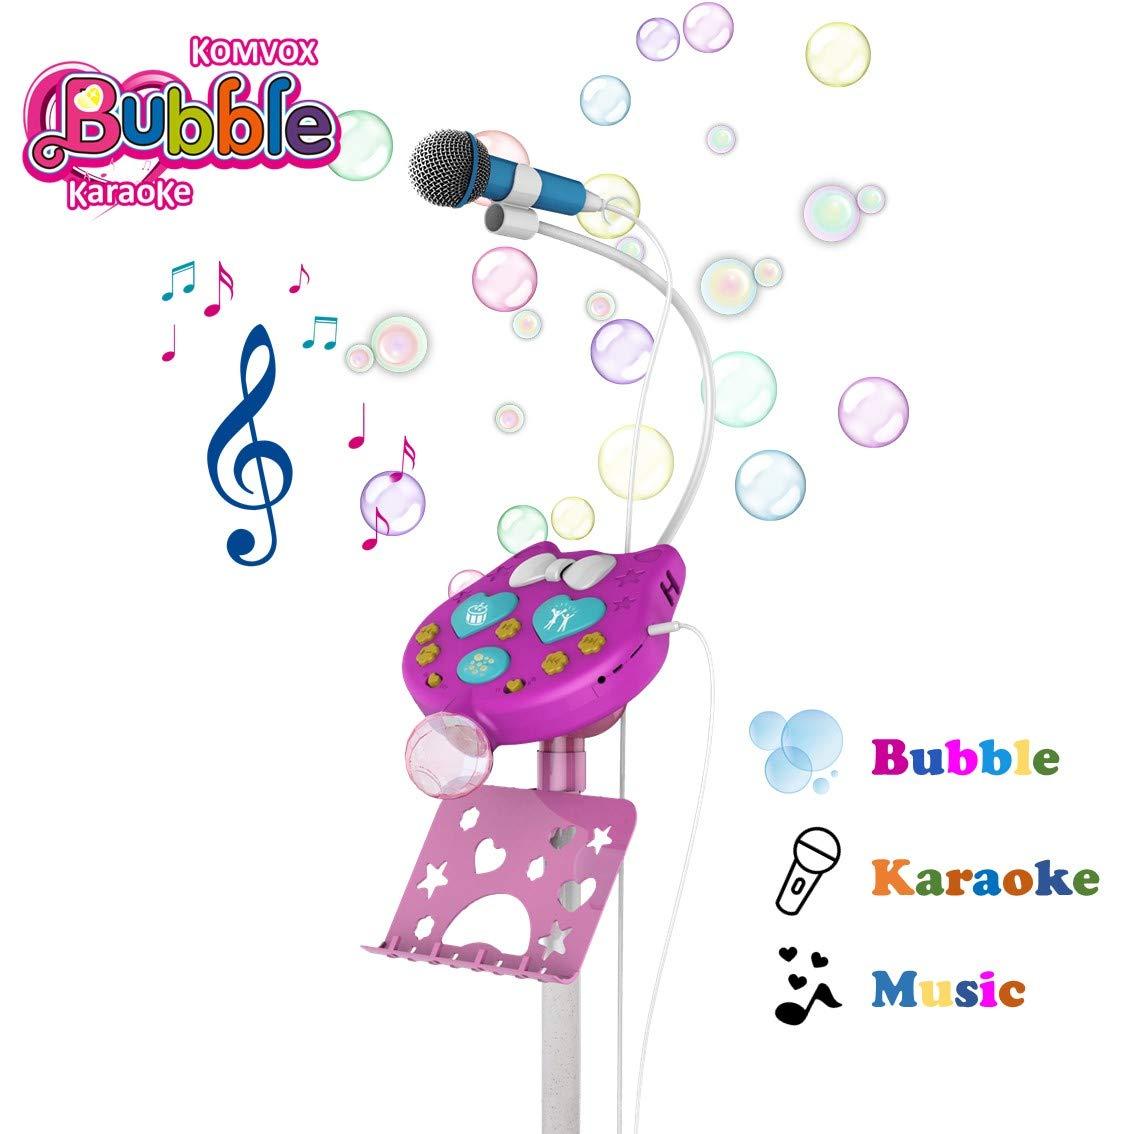 Karaoke Microfono Infantil con Maquina Burbujas para Niños, Cumpleaños Navidad Regalos Niñas 3 4 5 6 Años, Chicas Micrófono Juguete, Juguetes Niñas 4 ...